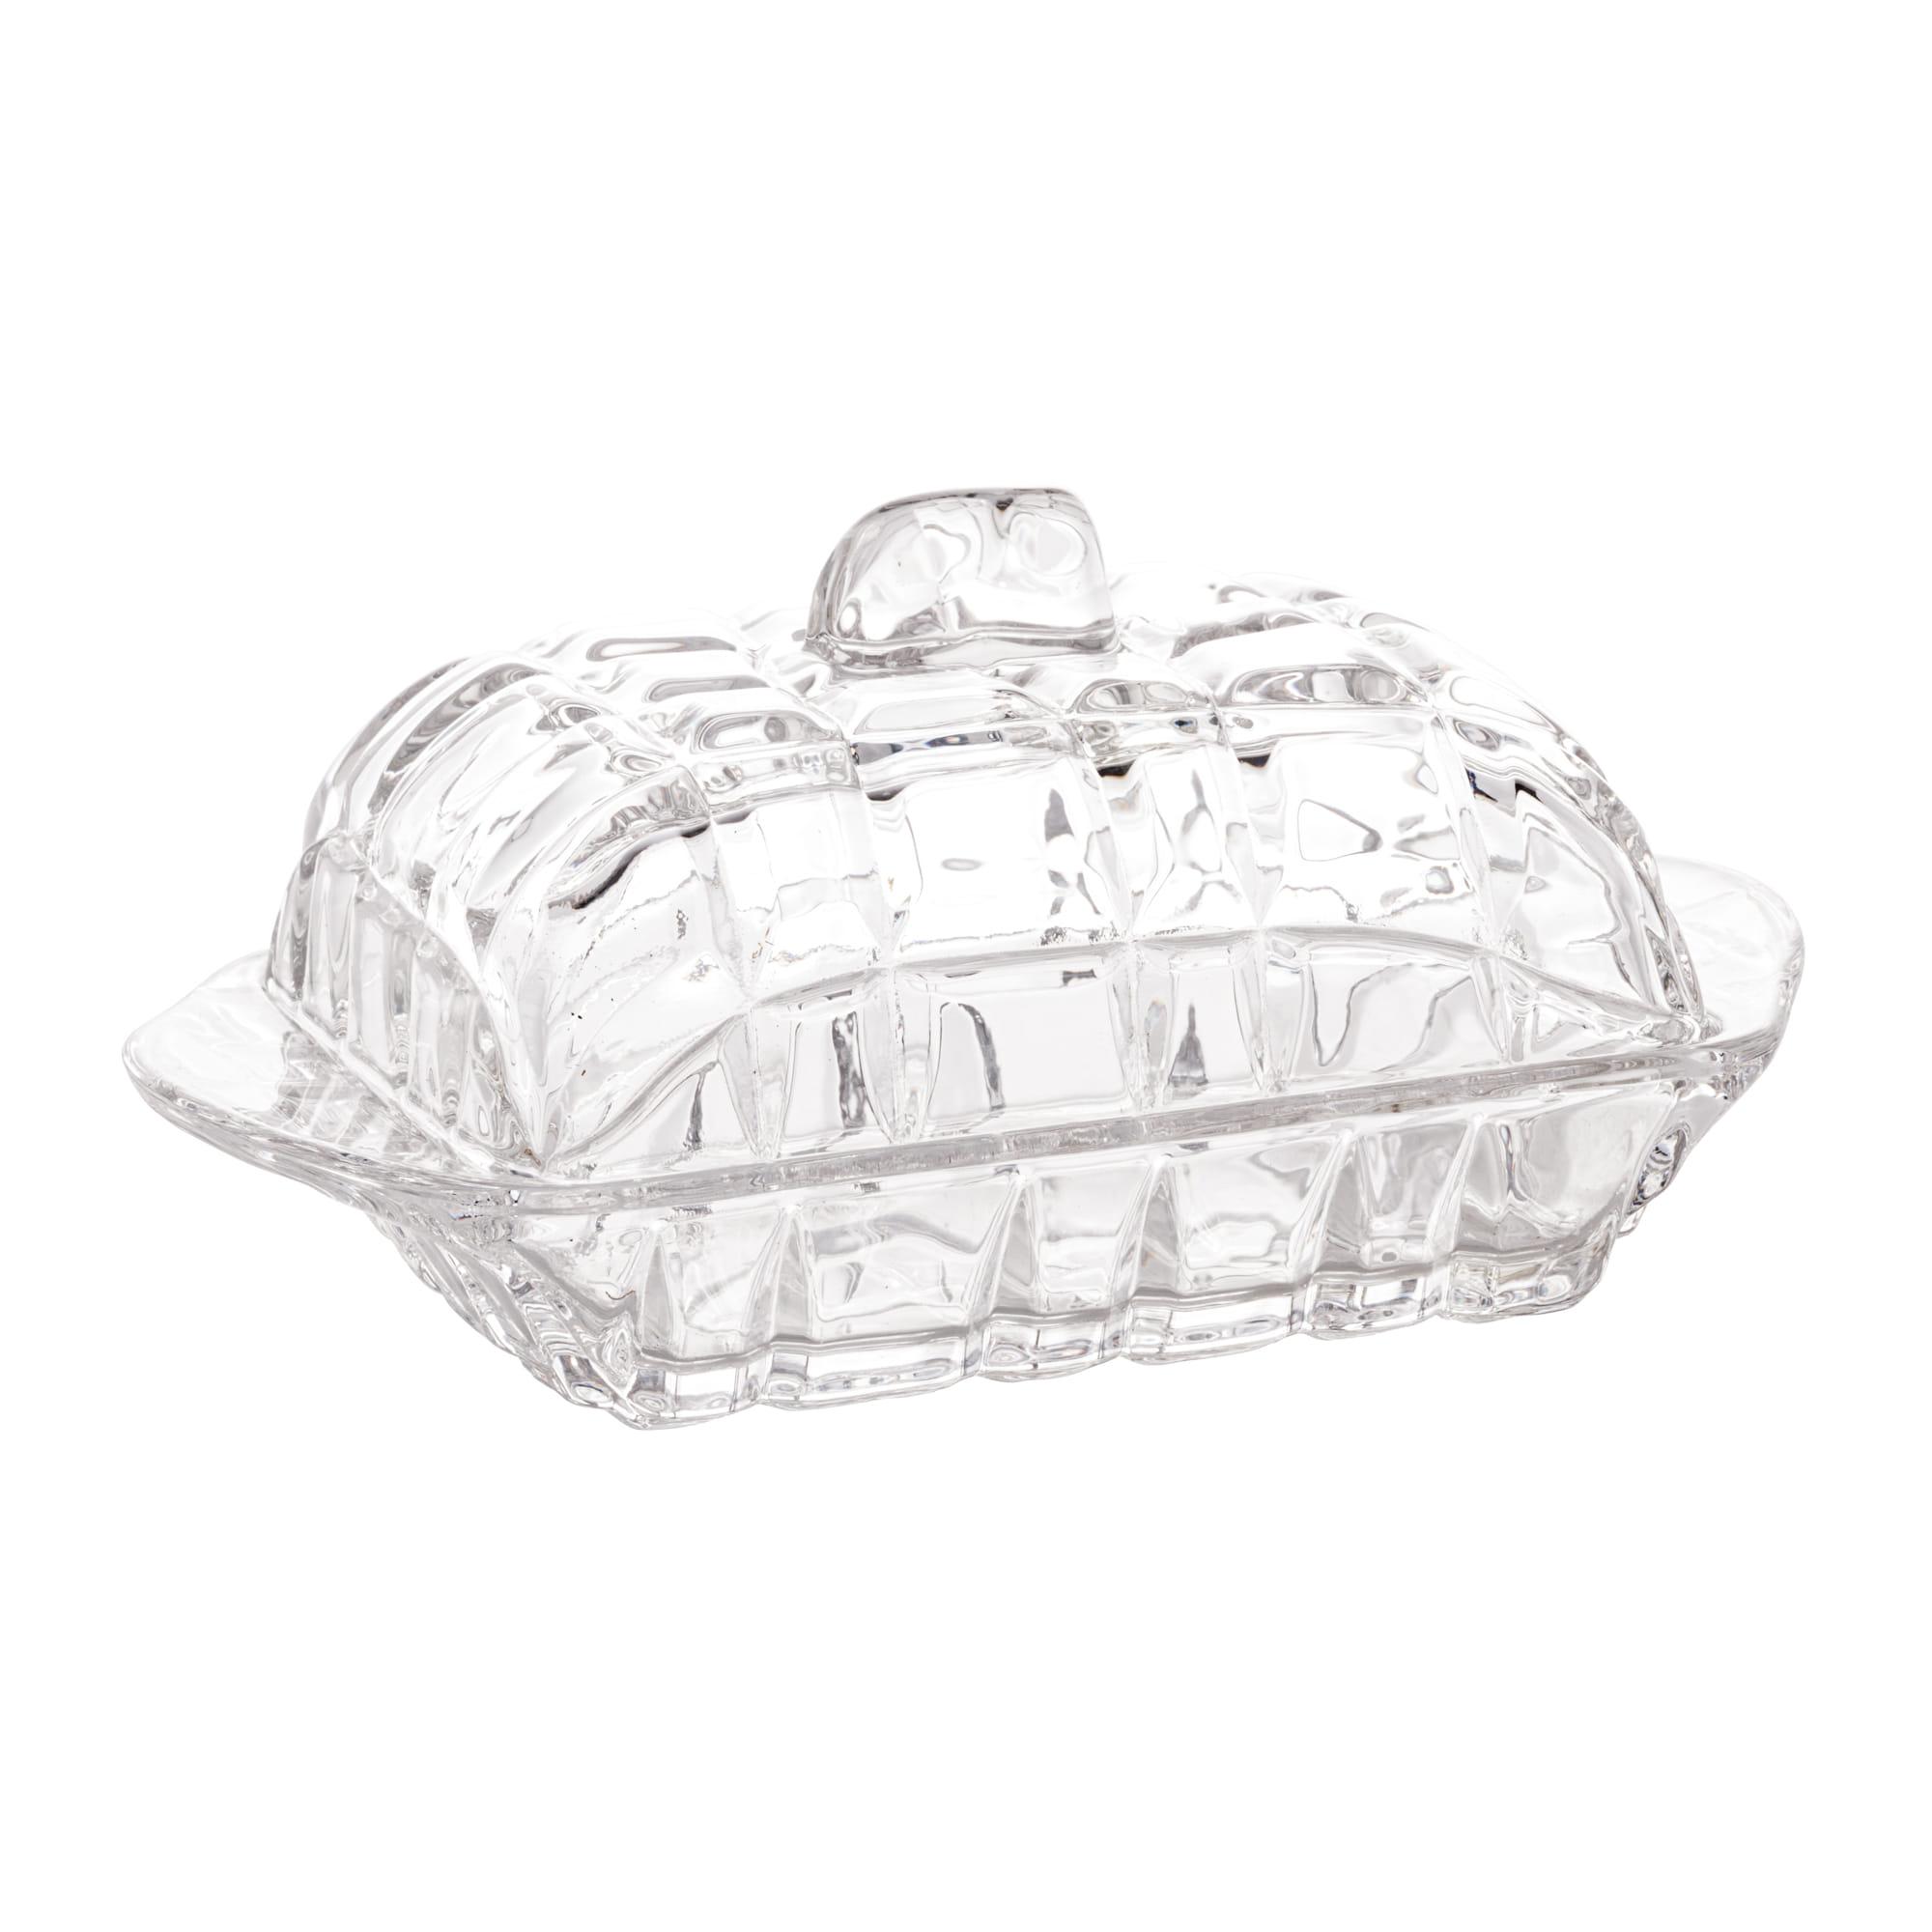 Manteigueira De Cristal De Chumbo Deli 17X10,5X8Cm